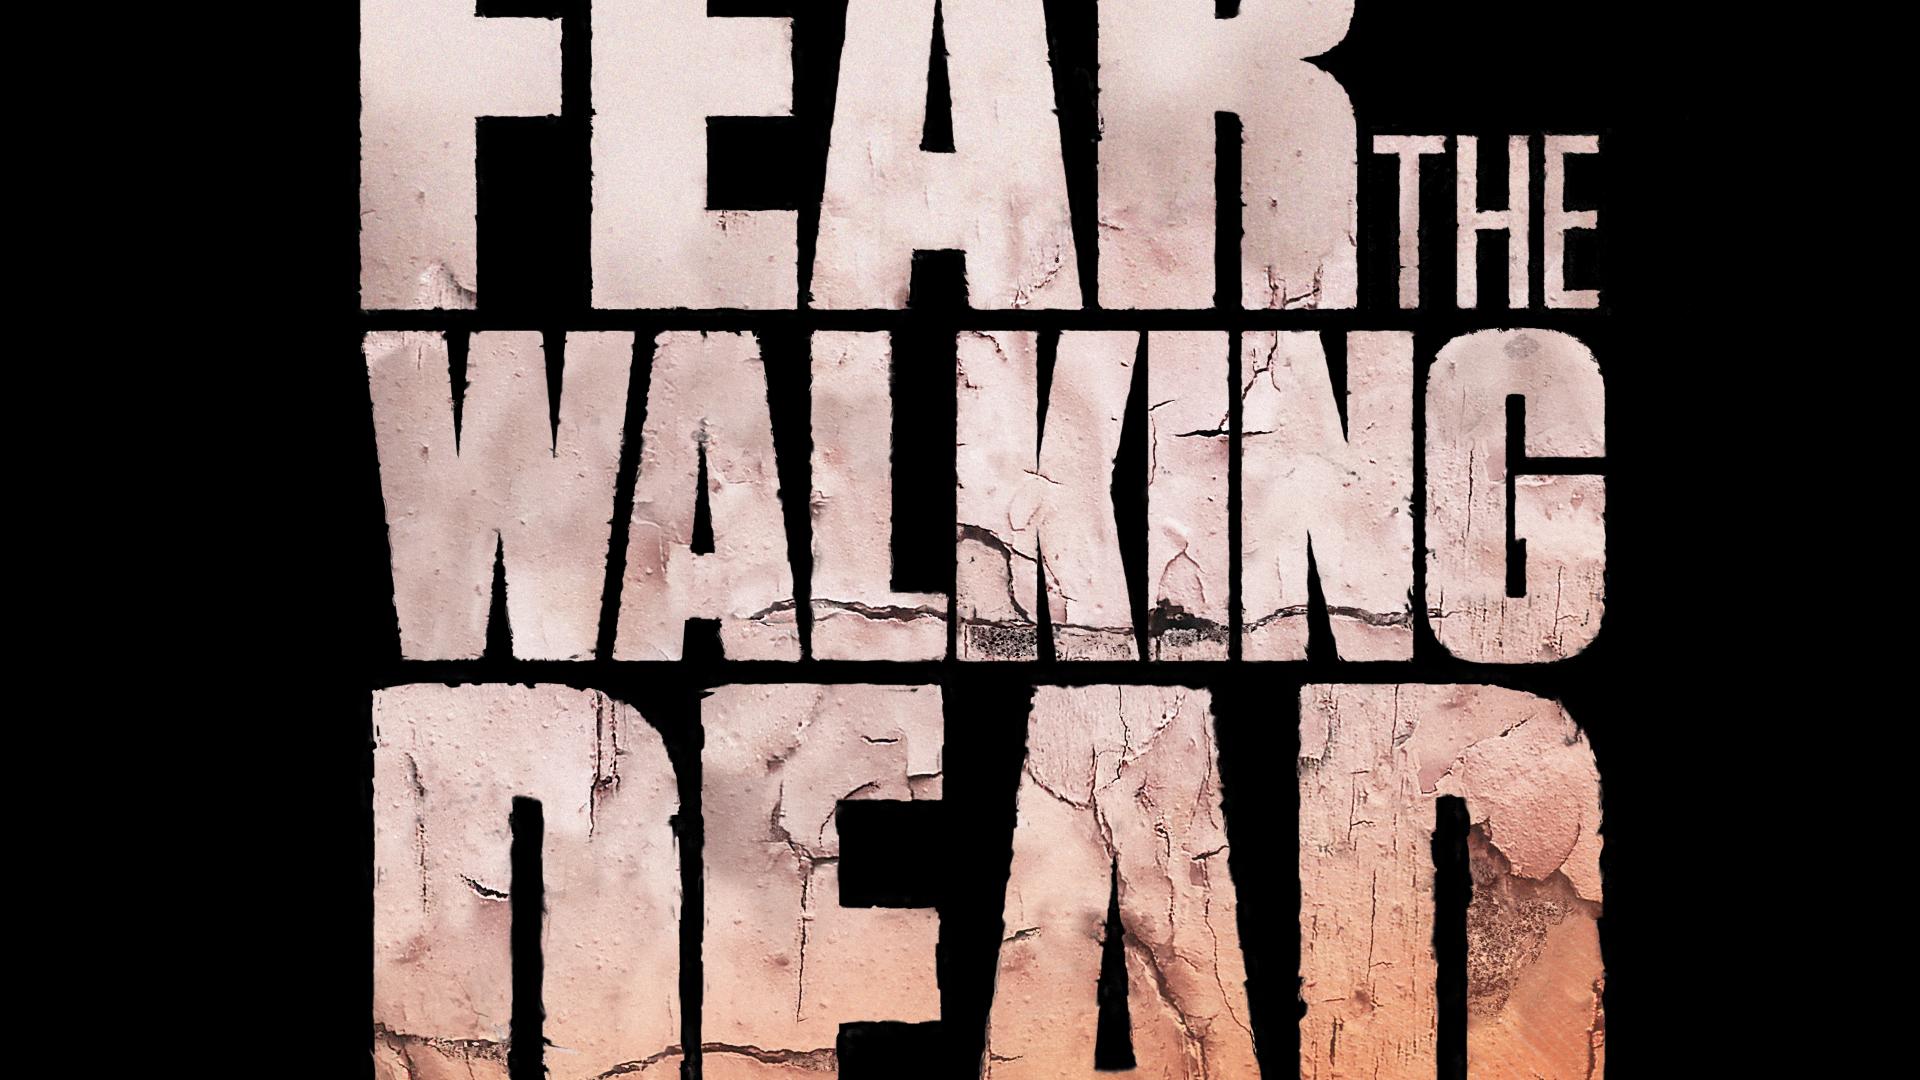 Fear-walk-stils-00003.jpg